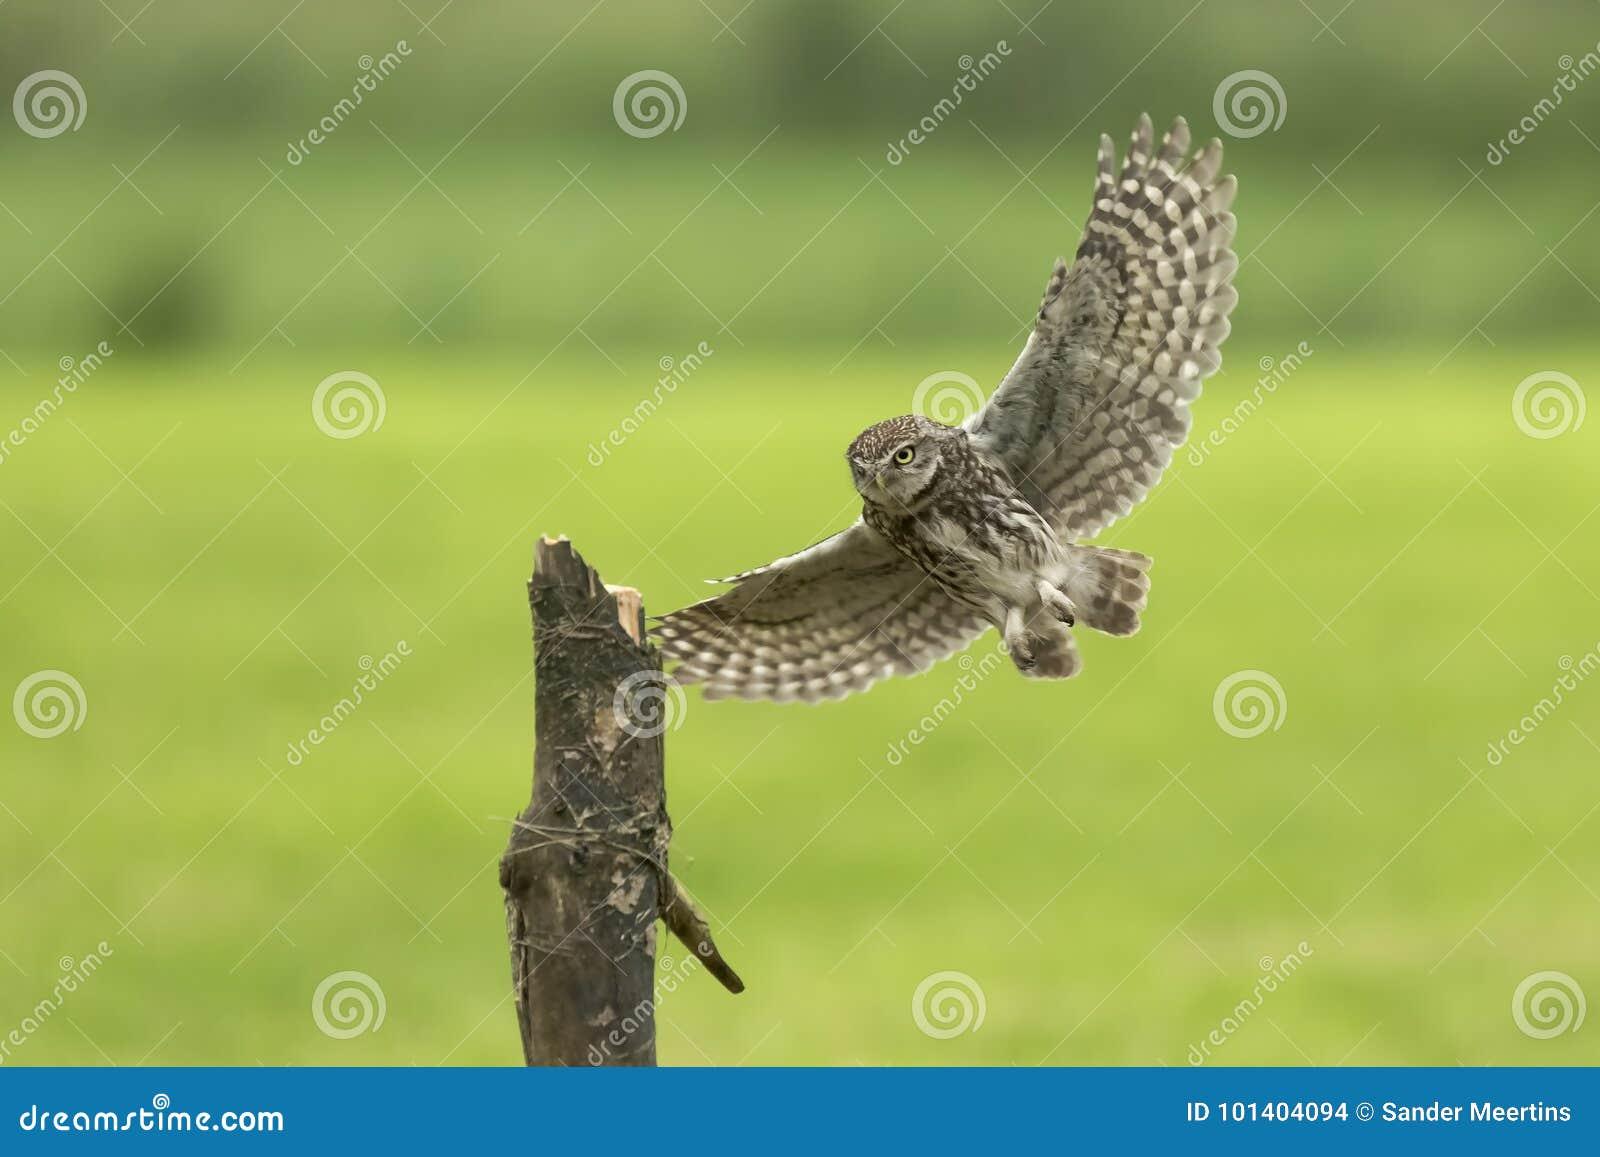 Pequeño búho, noctua del Athene, ave rapaz en vuelo